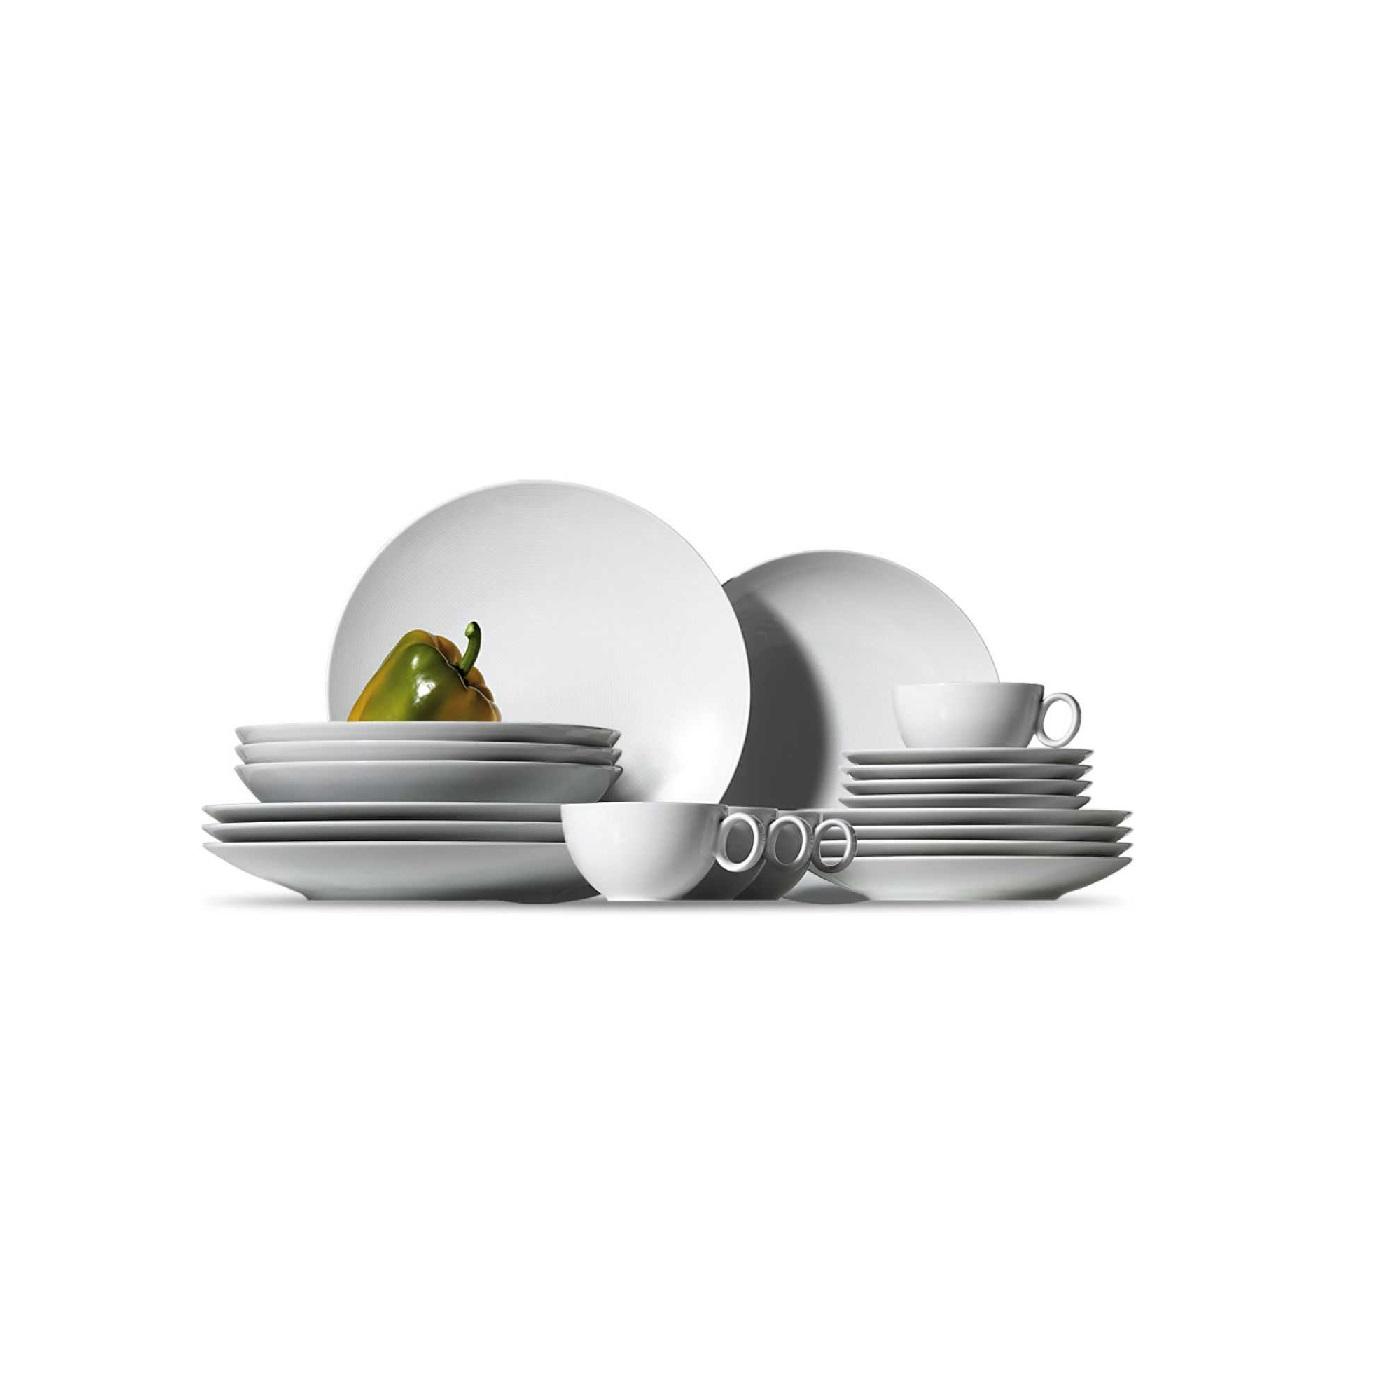 Набор столовой посуды Rosenthal LOFT, белый, 20 предметов Rosenthal 11900-800001-18844 фото 1